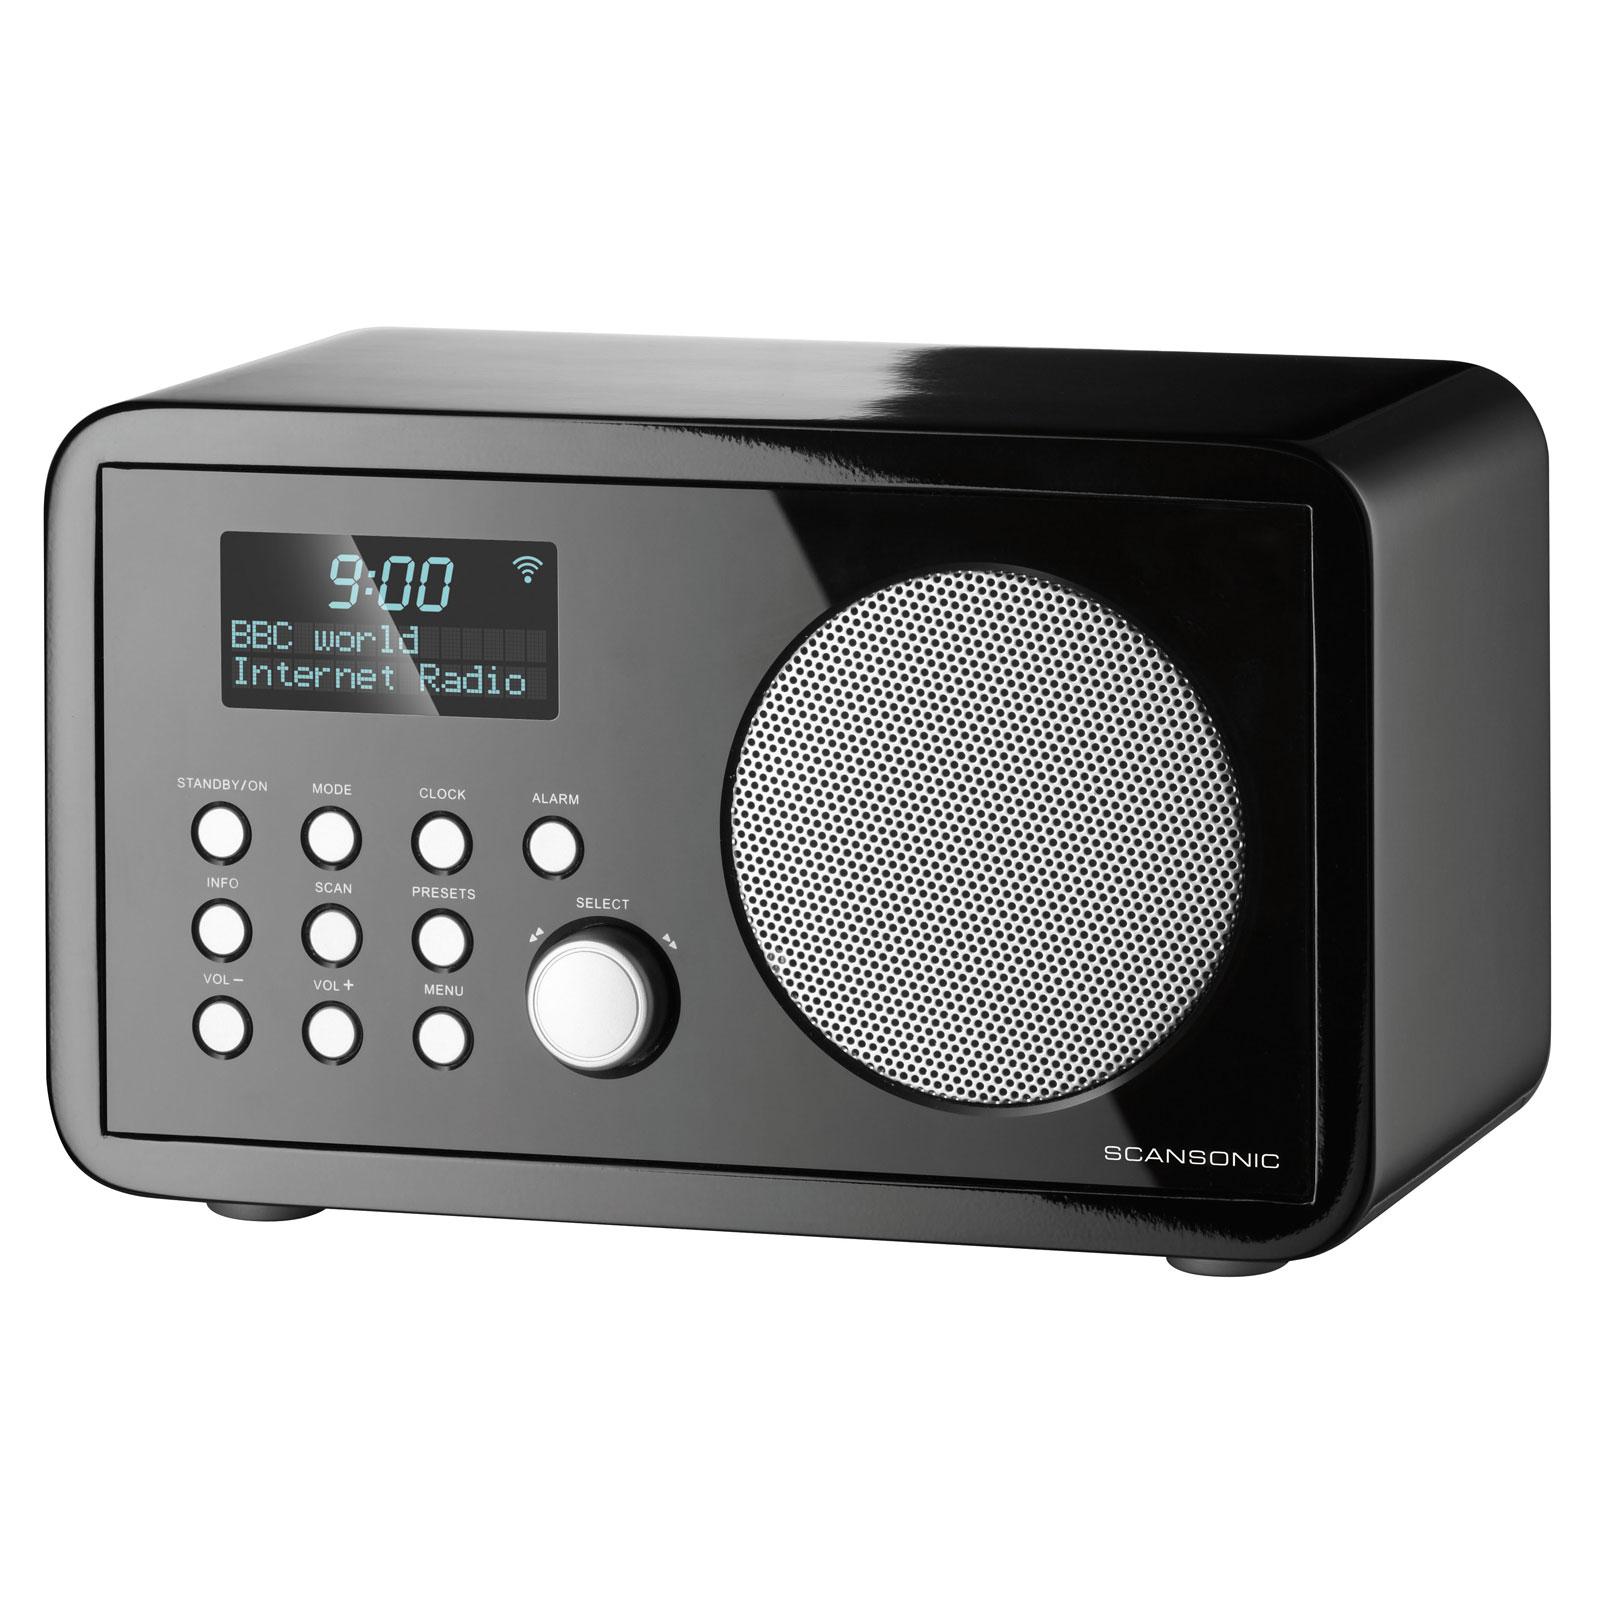 La radio : un moyen d'information que les Français délaissent